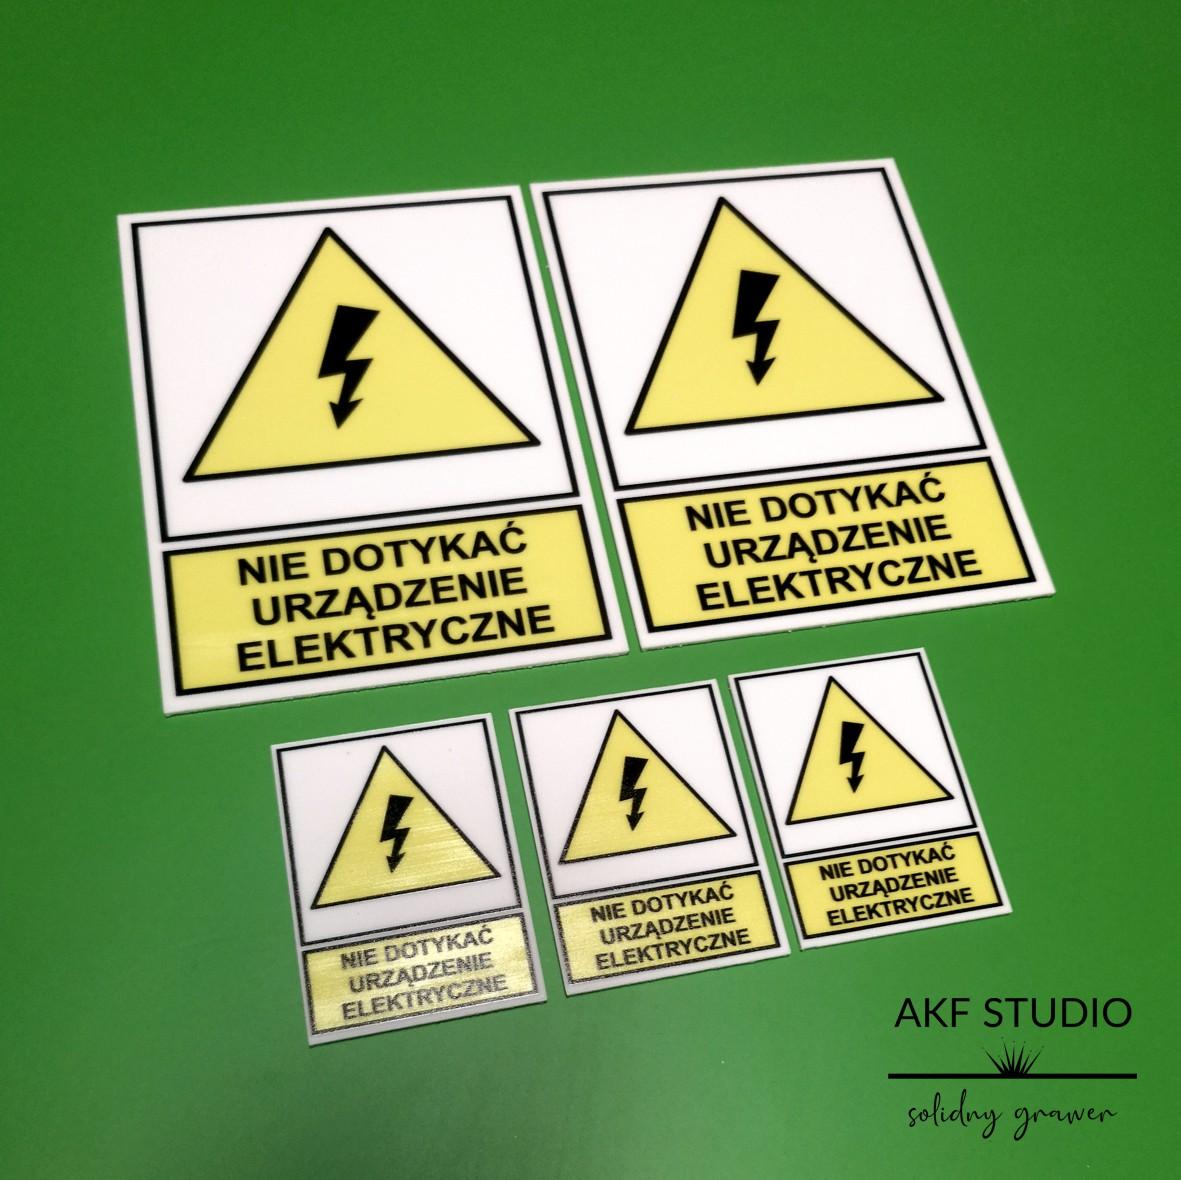 tabliczka nie dotykac urzadzenie elektryczne